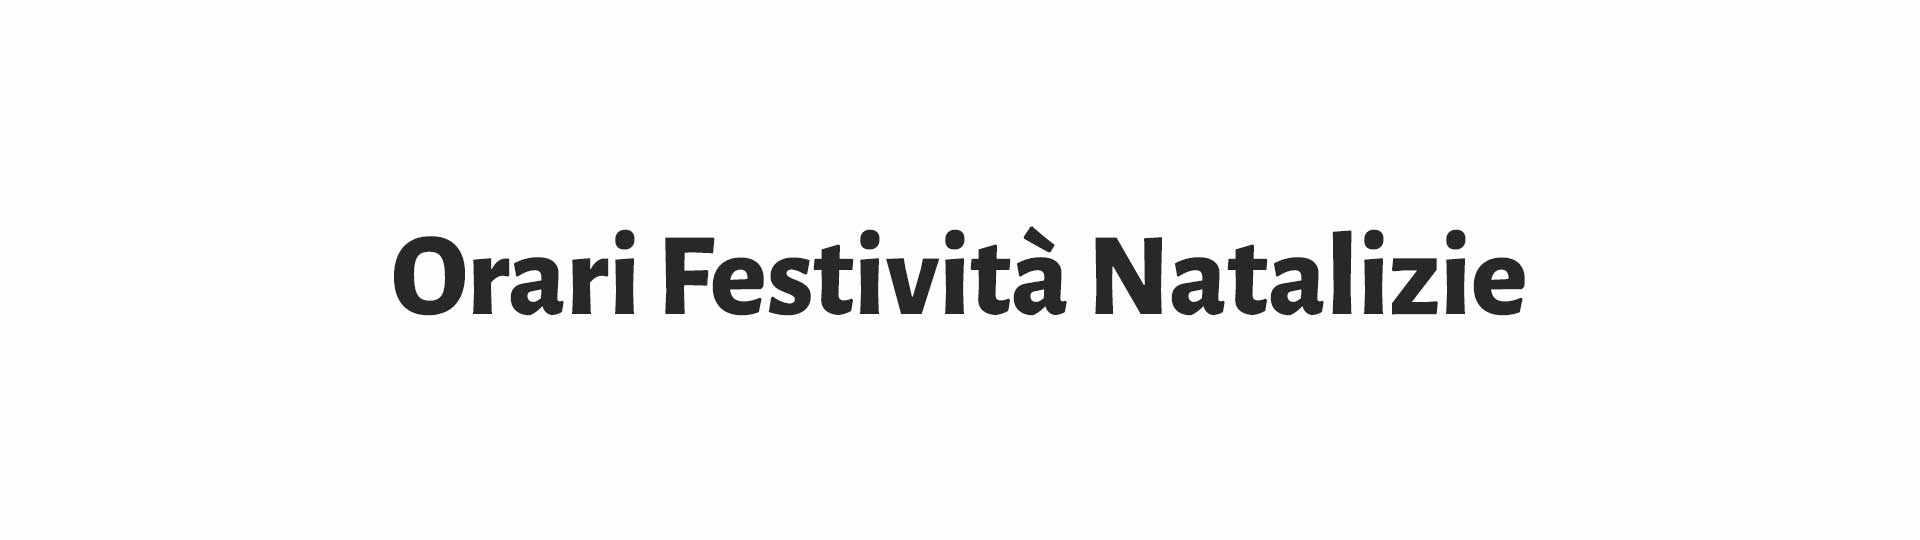 hd_festività-natalizie.jpg